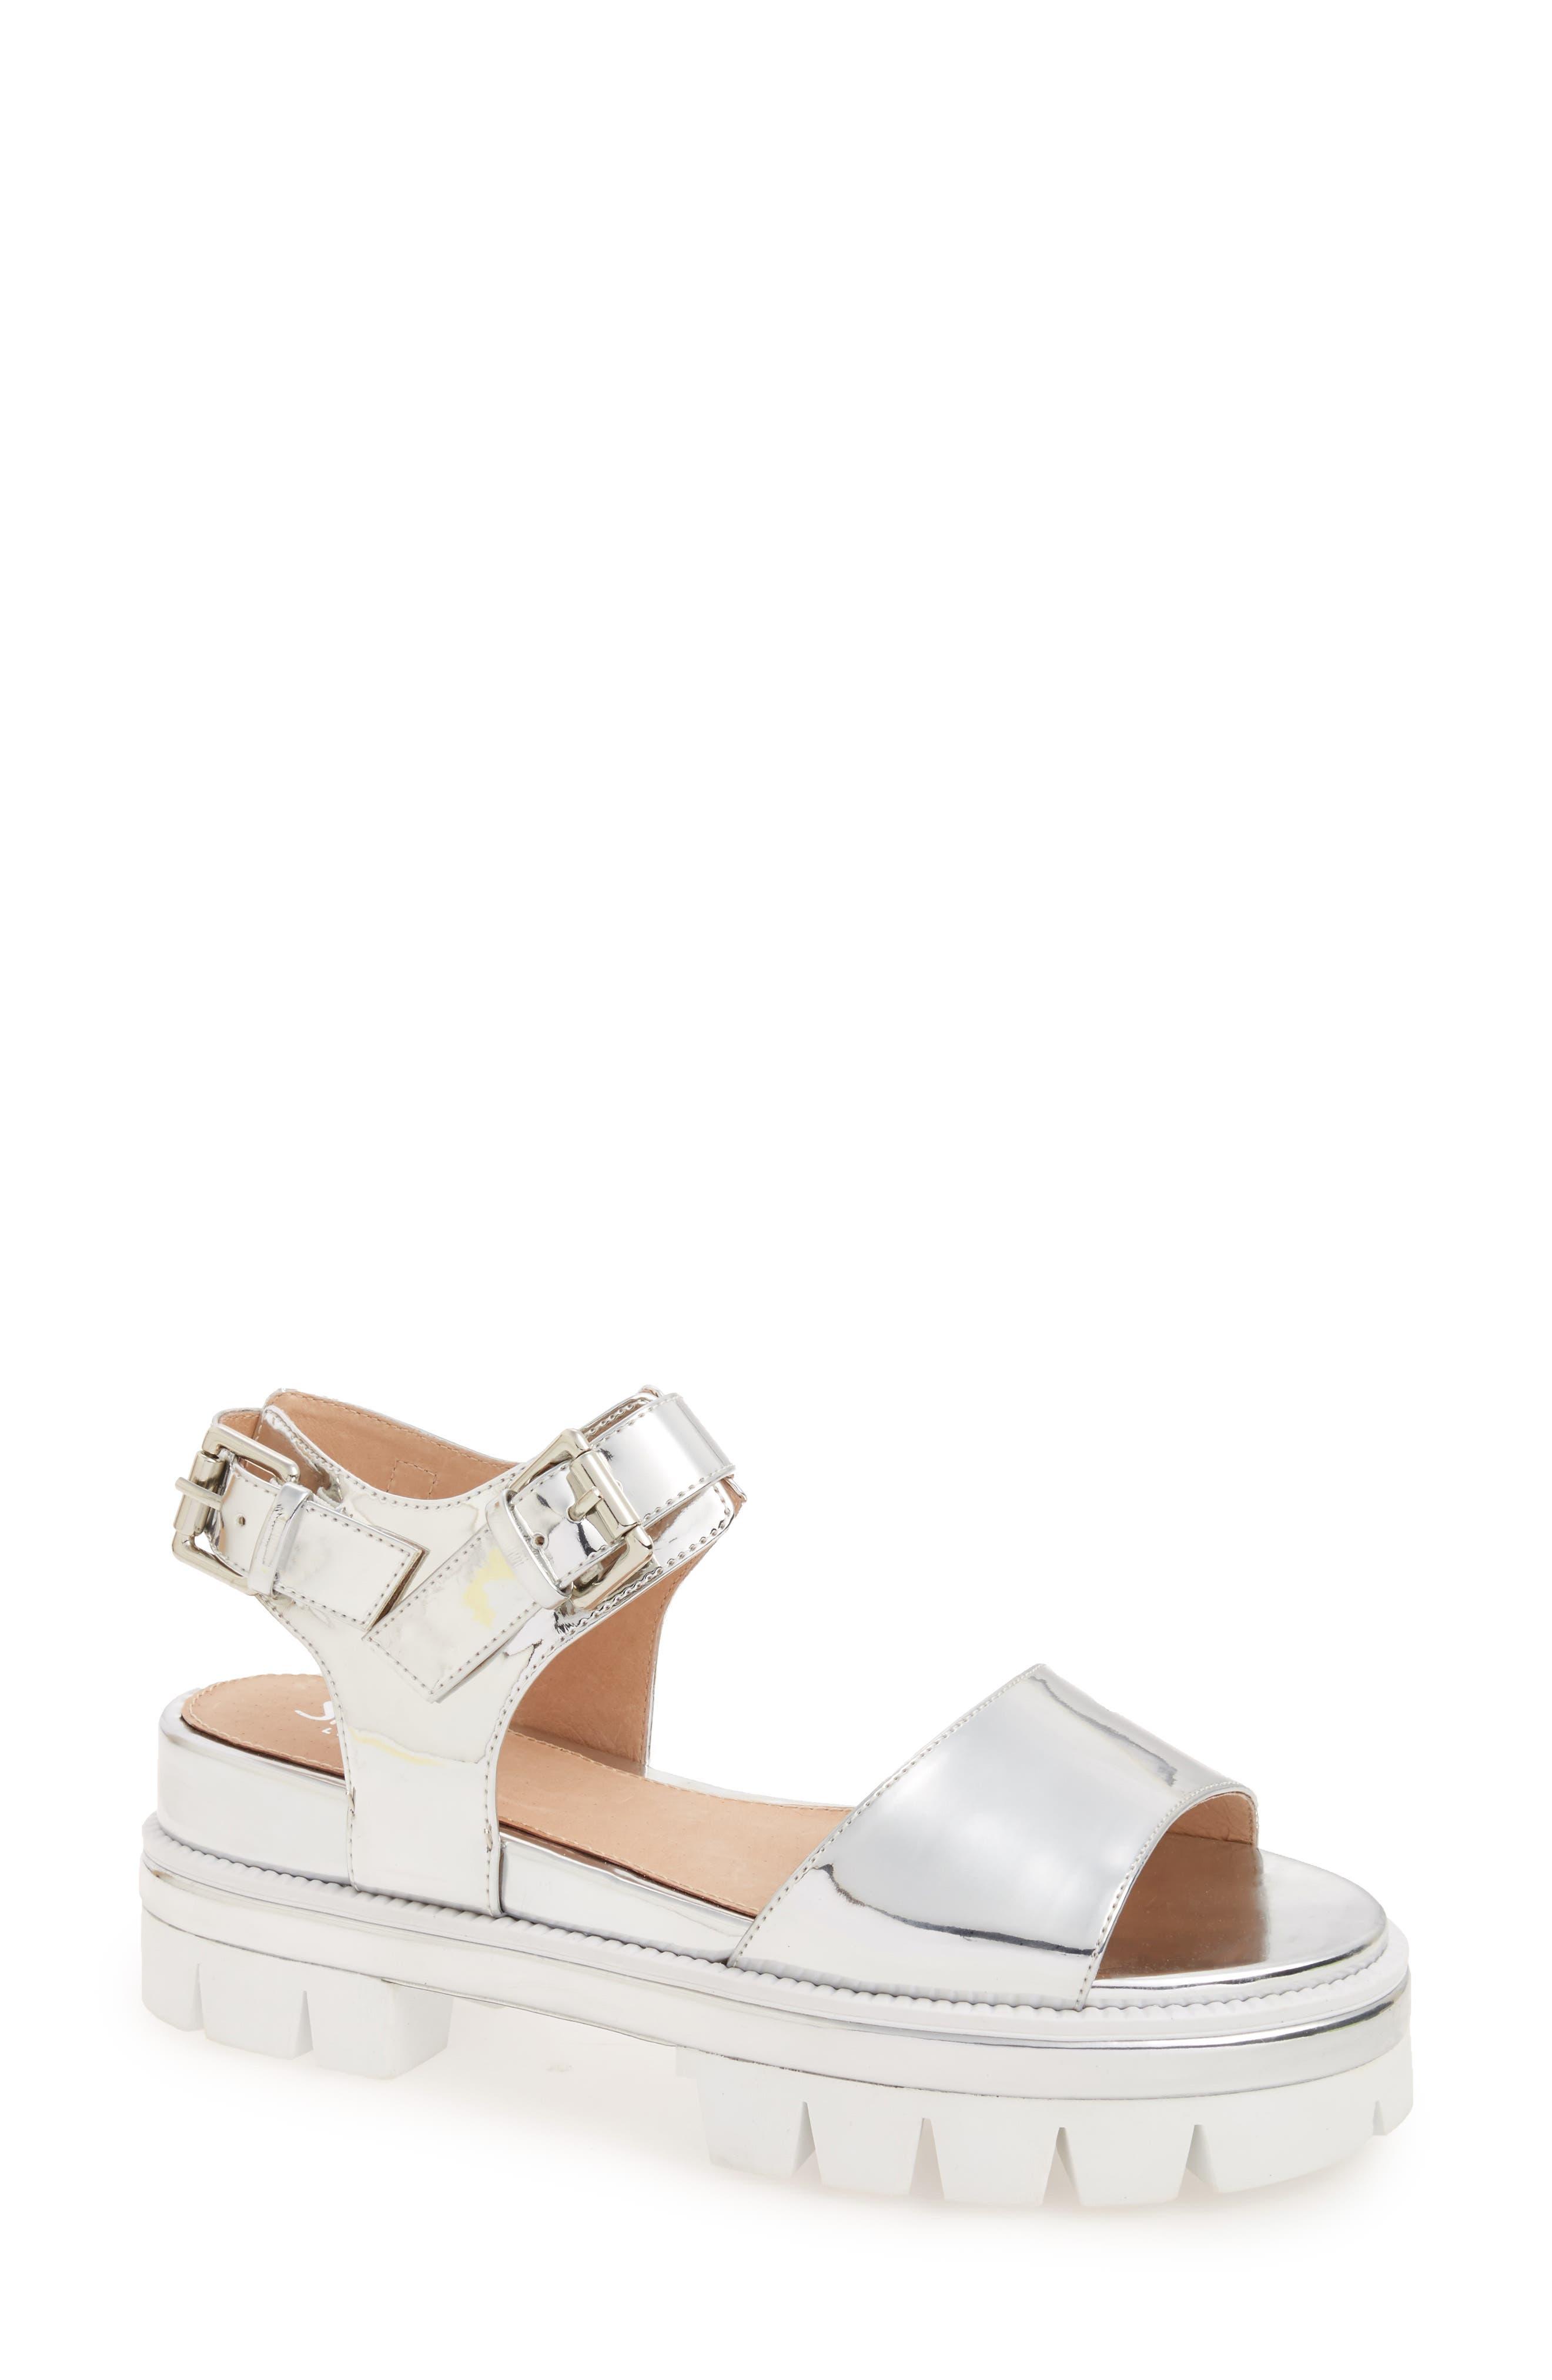 Shellys London Dita Platform Sandal (Women)